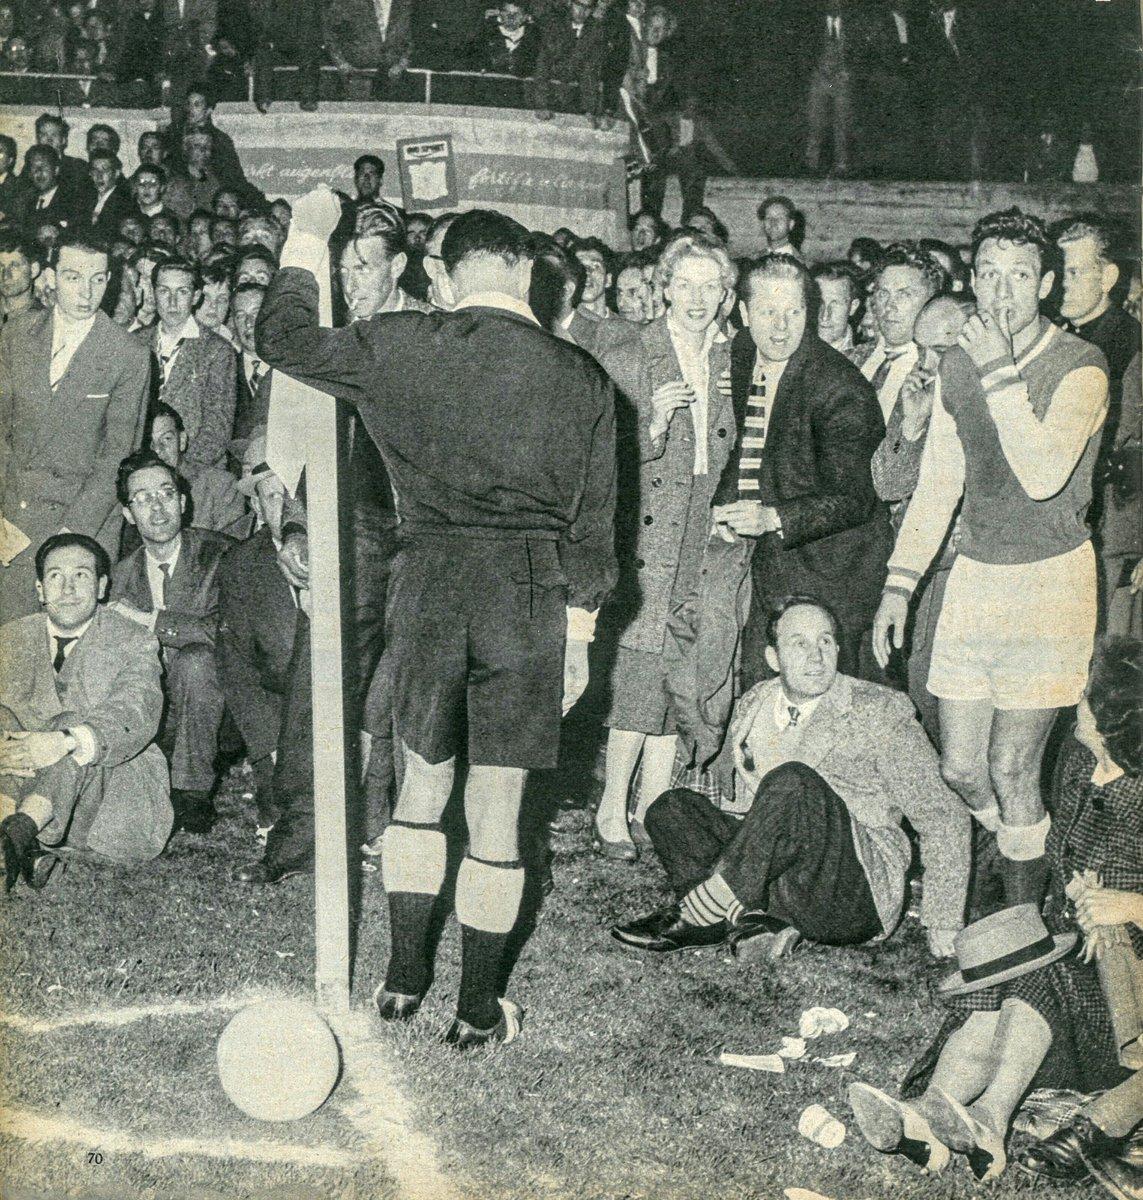 FOTOS HISTORICAS O CHULAS  DE FUTBOL - Página 3 DqsKI5vWwAALRbp